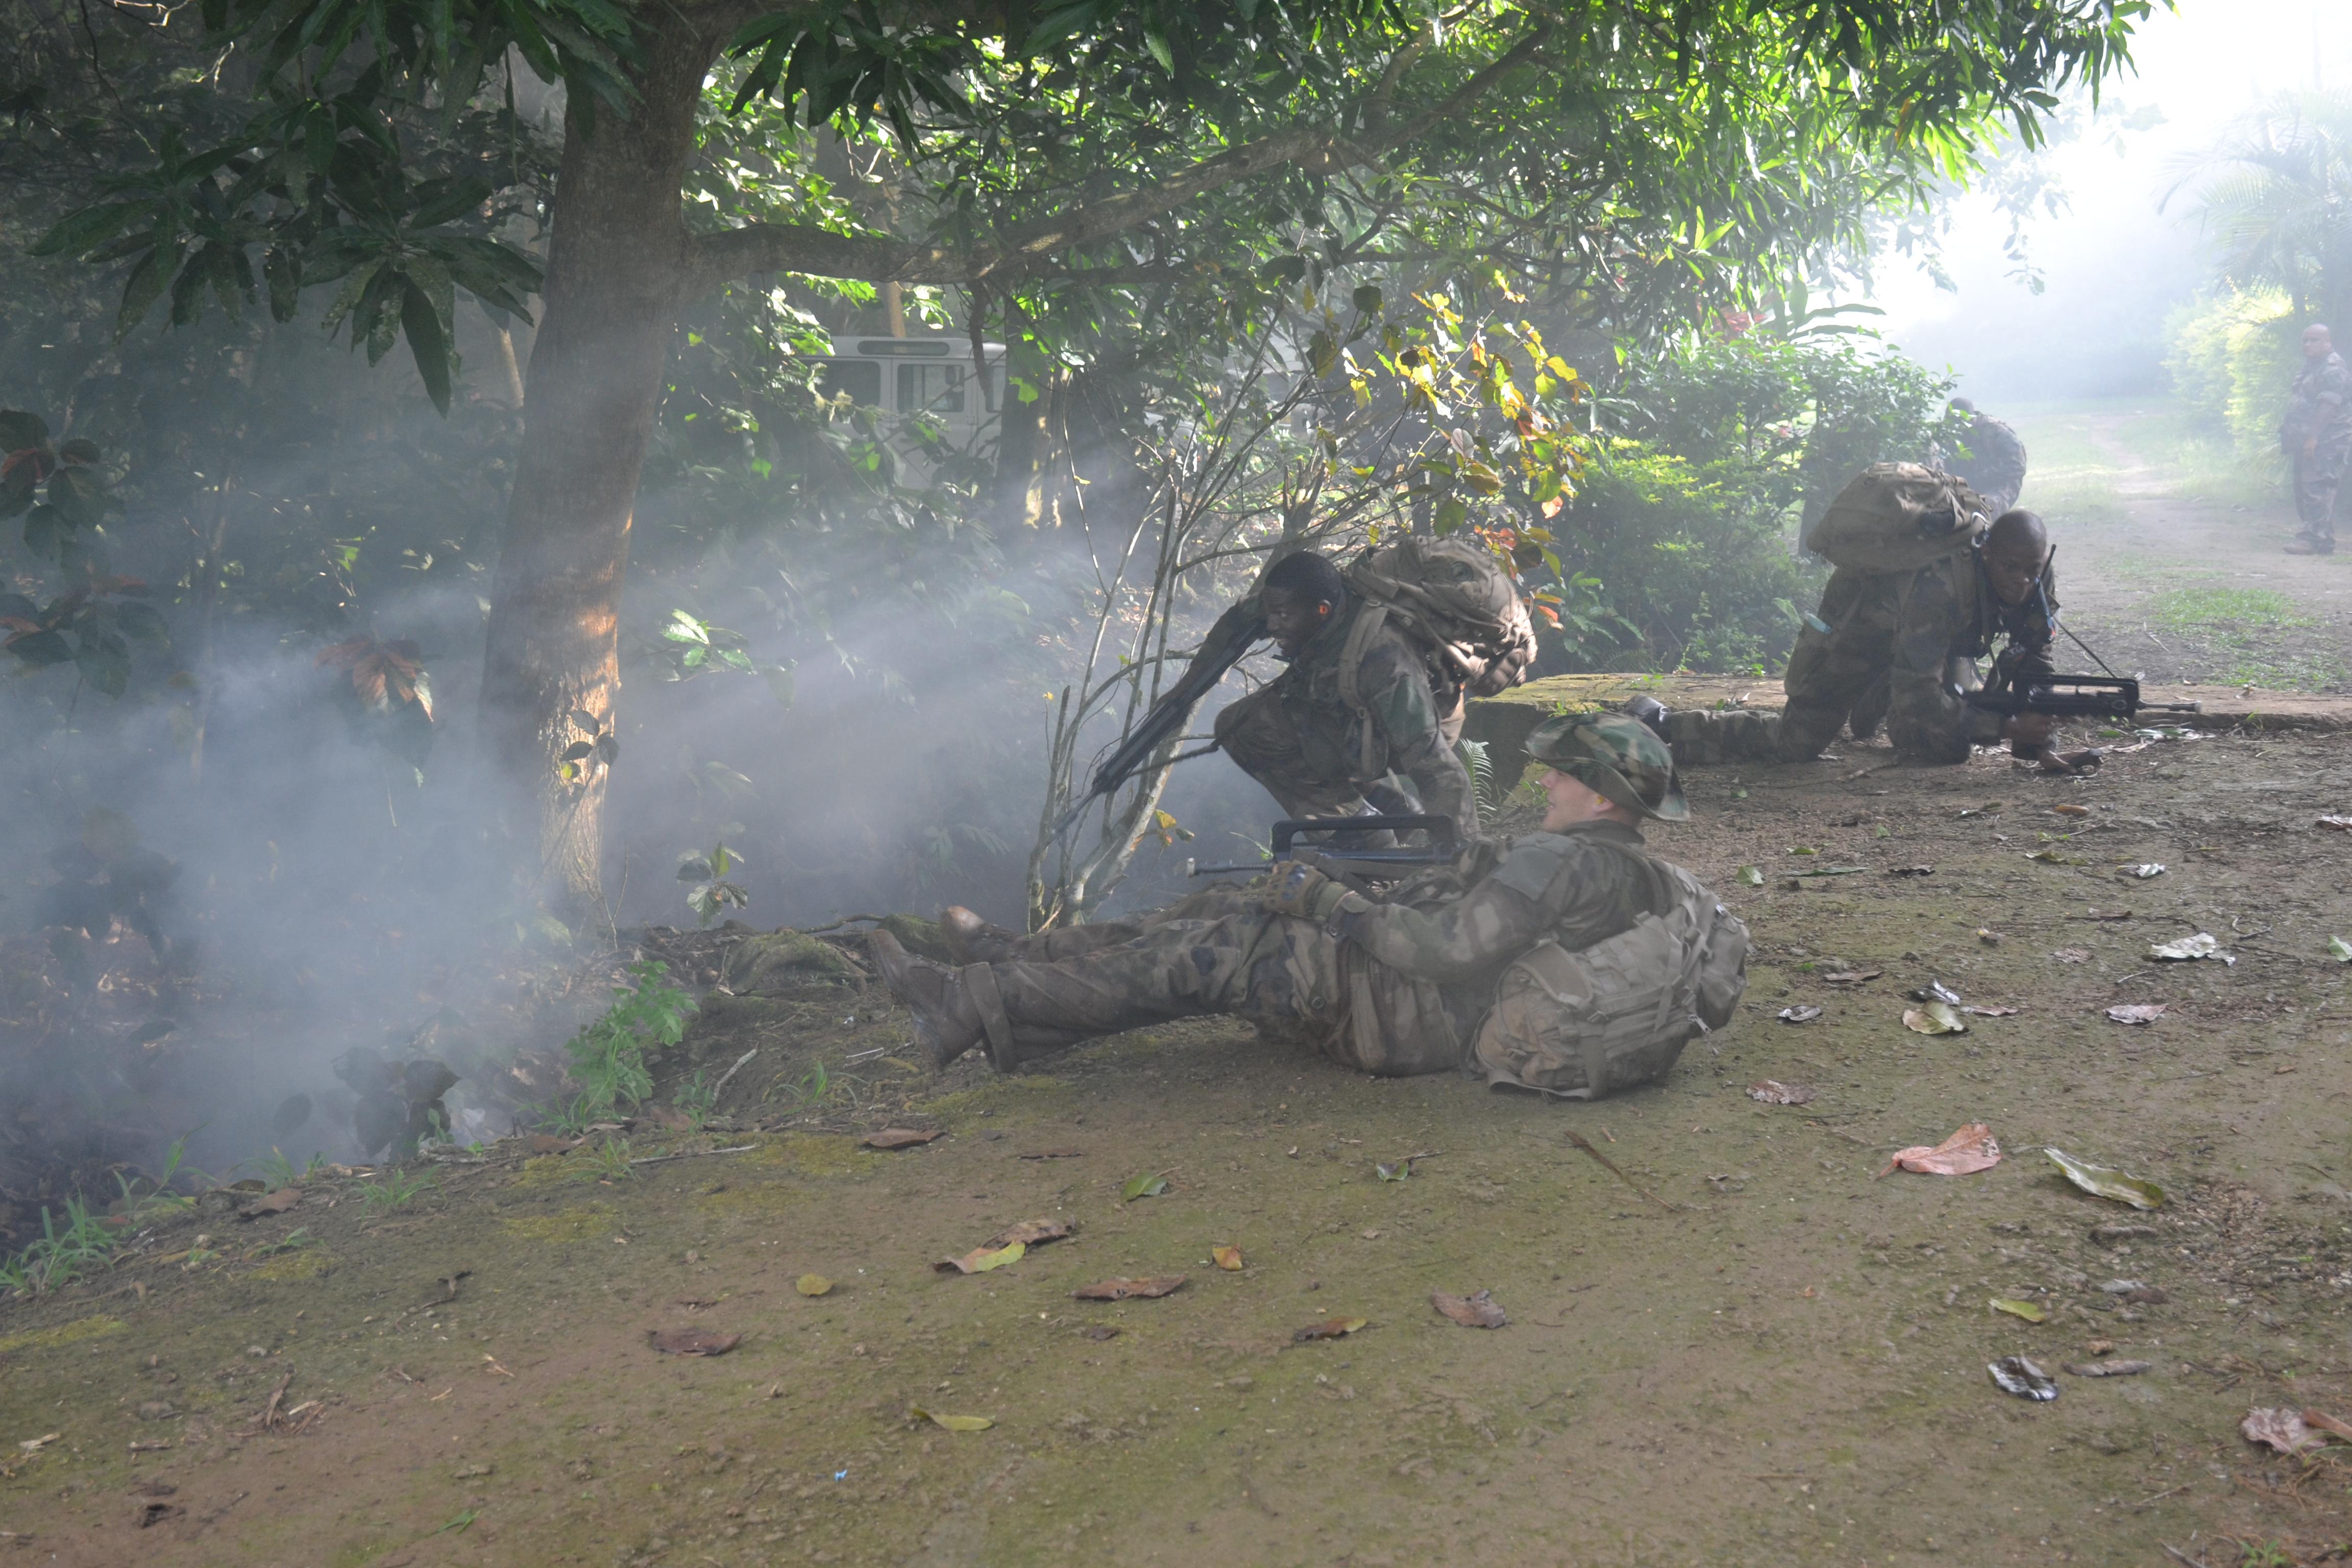 Les militaires du RIMaP-P en mission de courte durée rejoindront la métropole au mois de novembre.